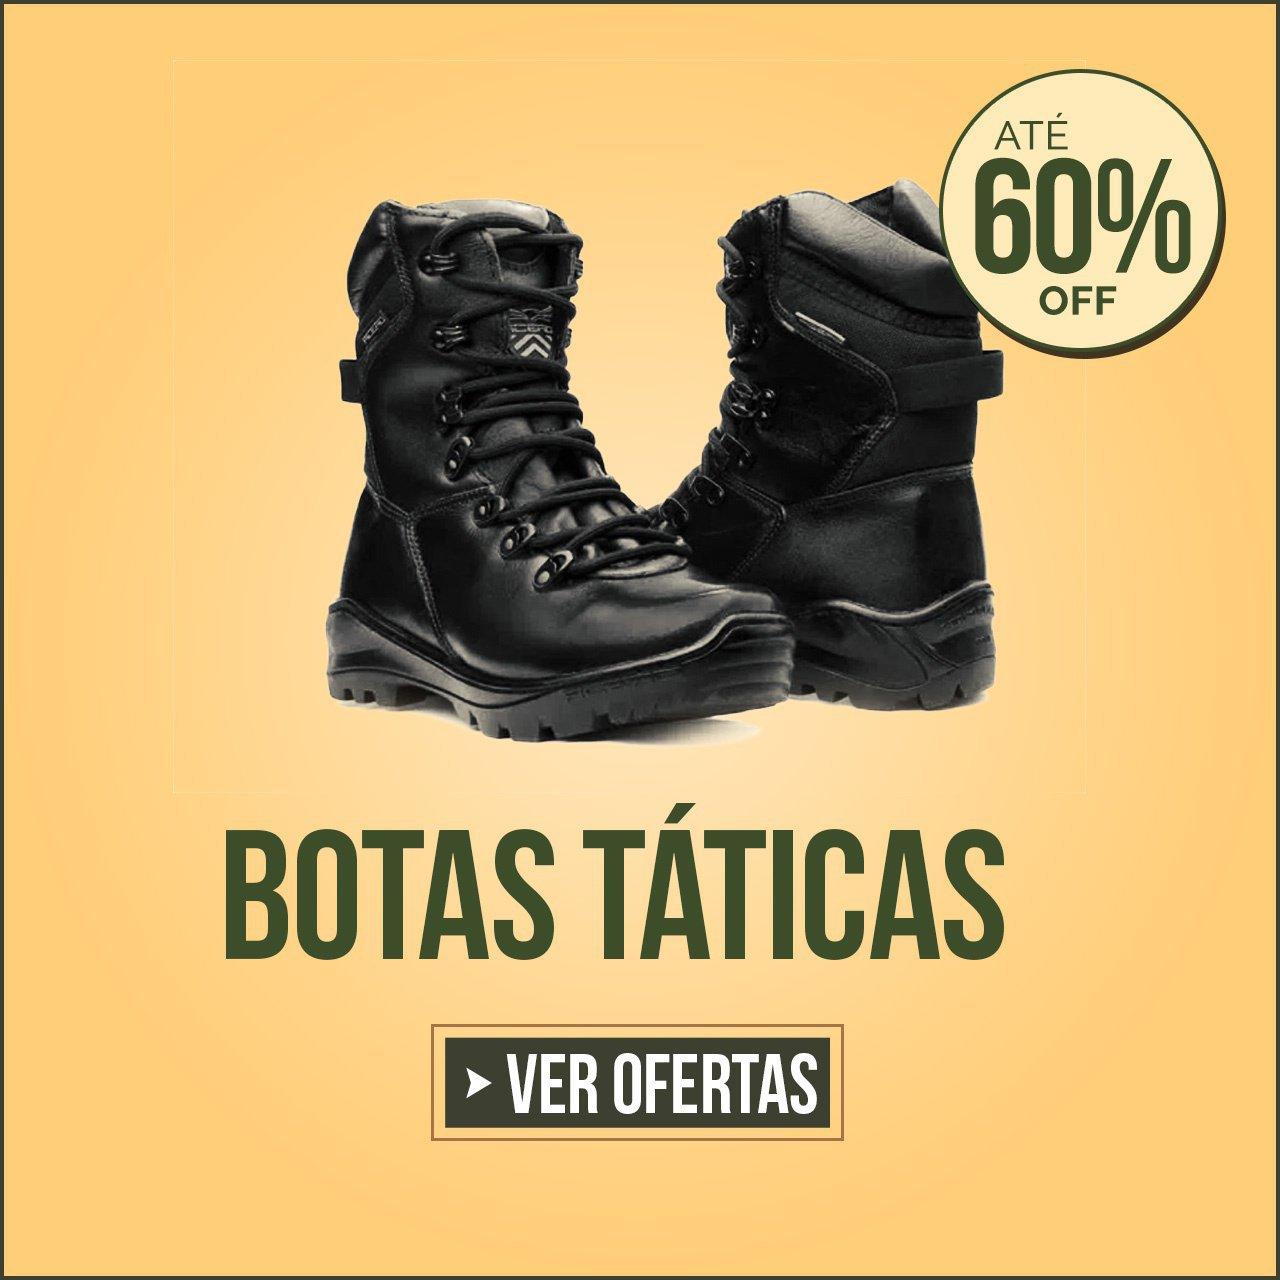 BOTA TÁTICAS COM ATÉ  60% OFF